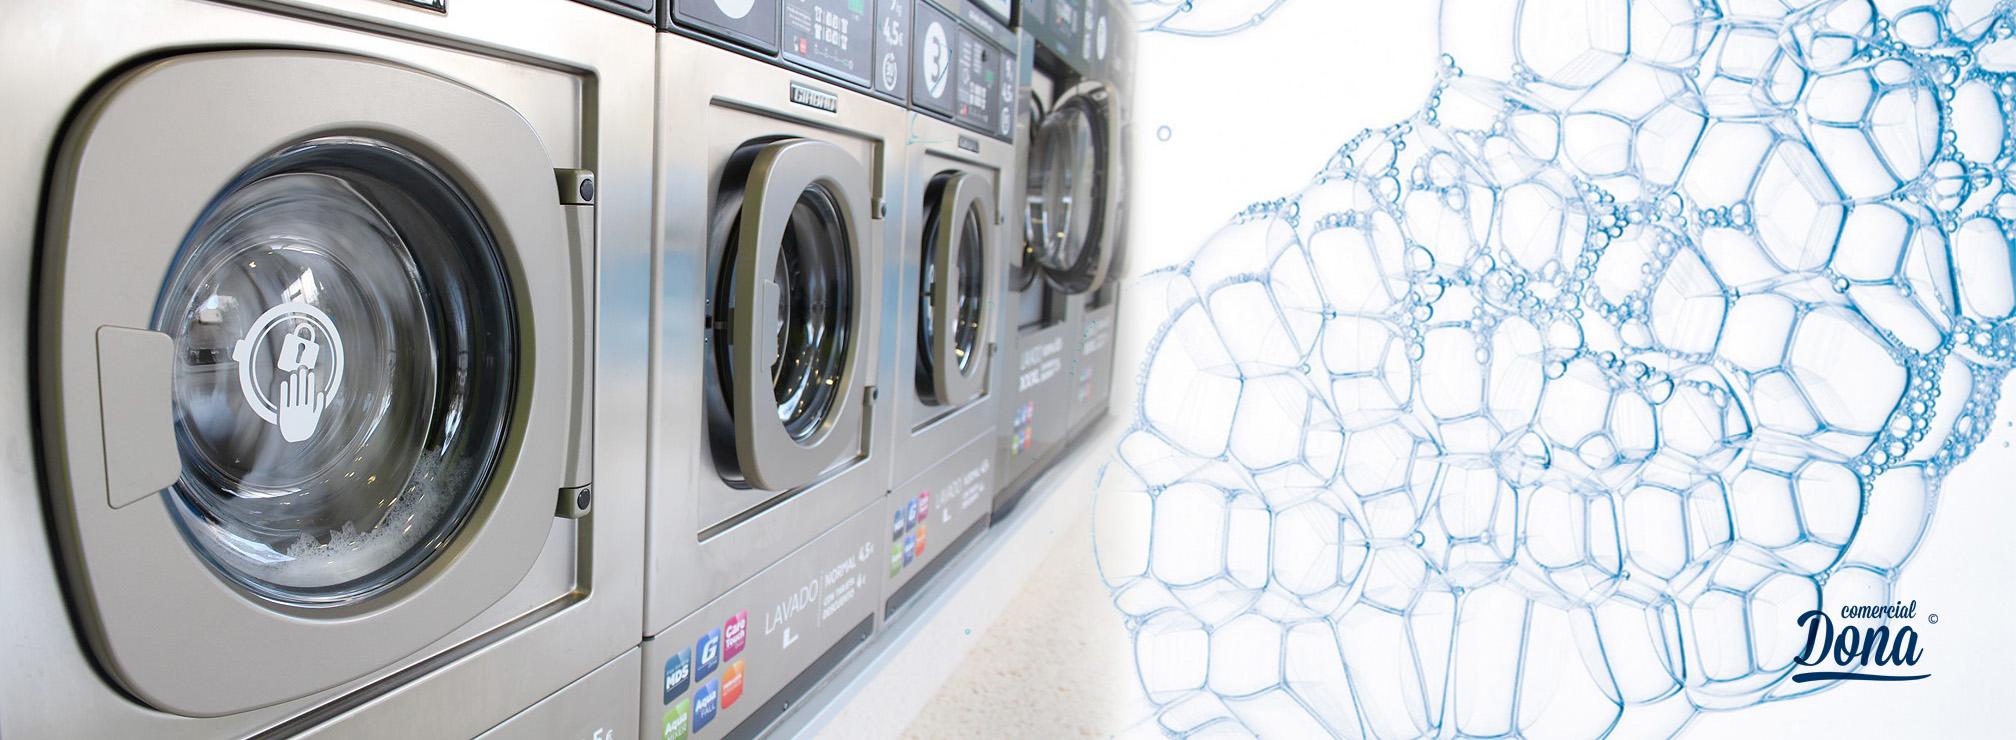 Lavandería con Comercial Dona